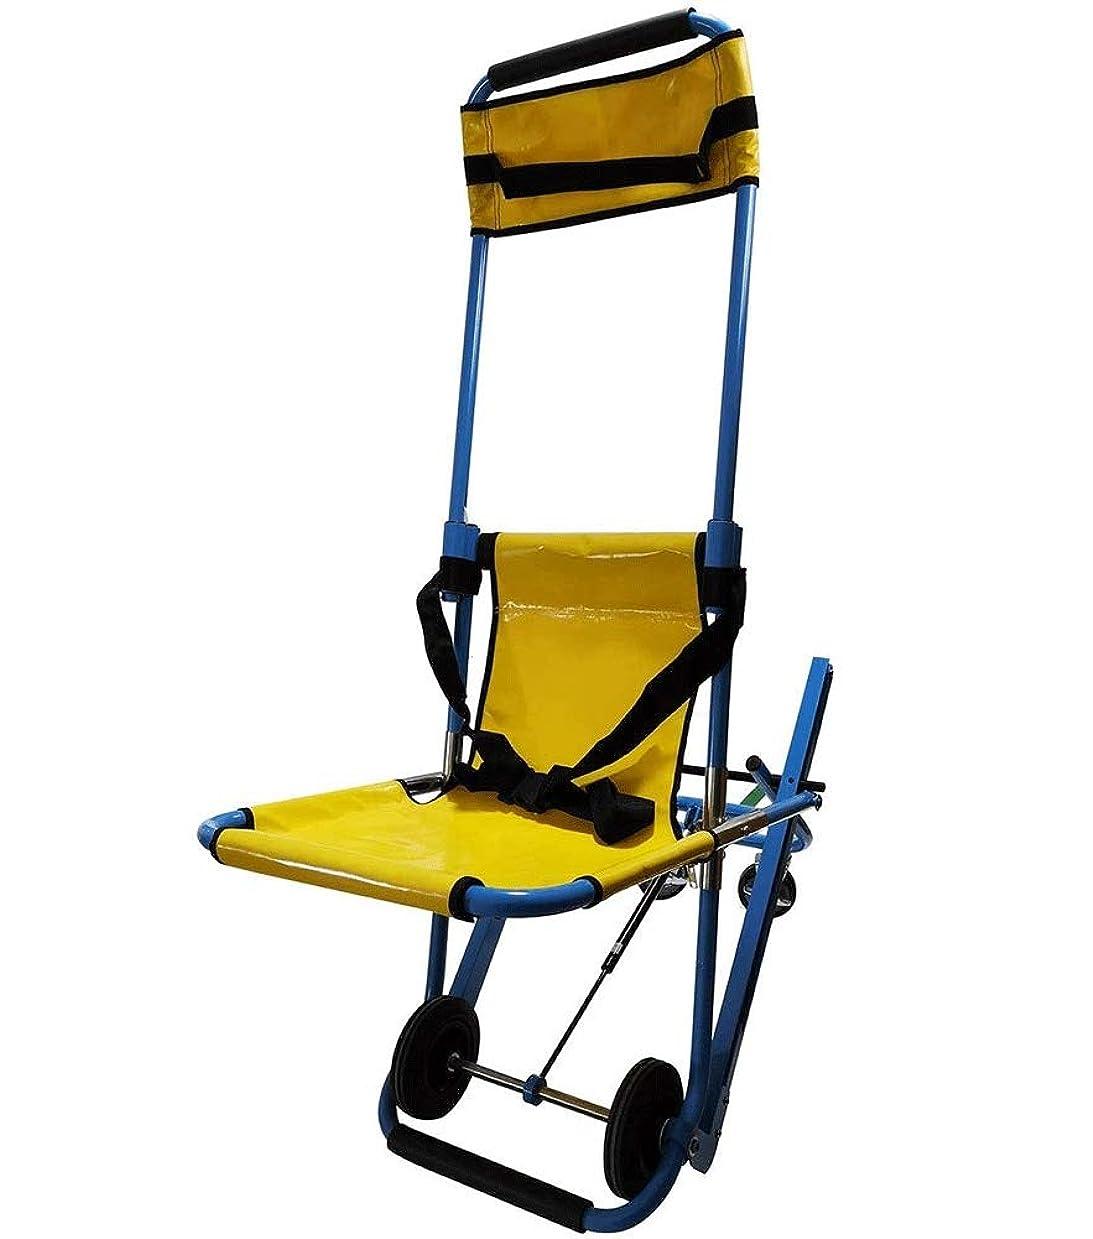 処方知り合い潤滑する二つのシートベルトとEMS階段チェア、救急車消防士避難アルミ軽量医療階段チェア、350ポンドを持ち上げ